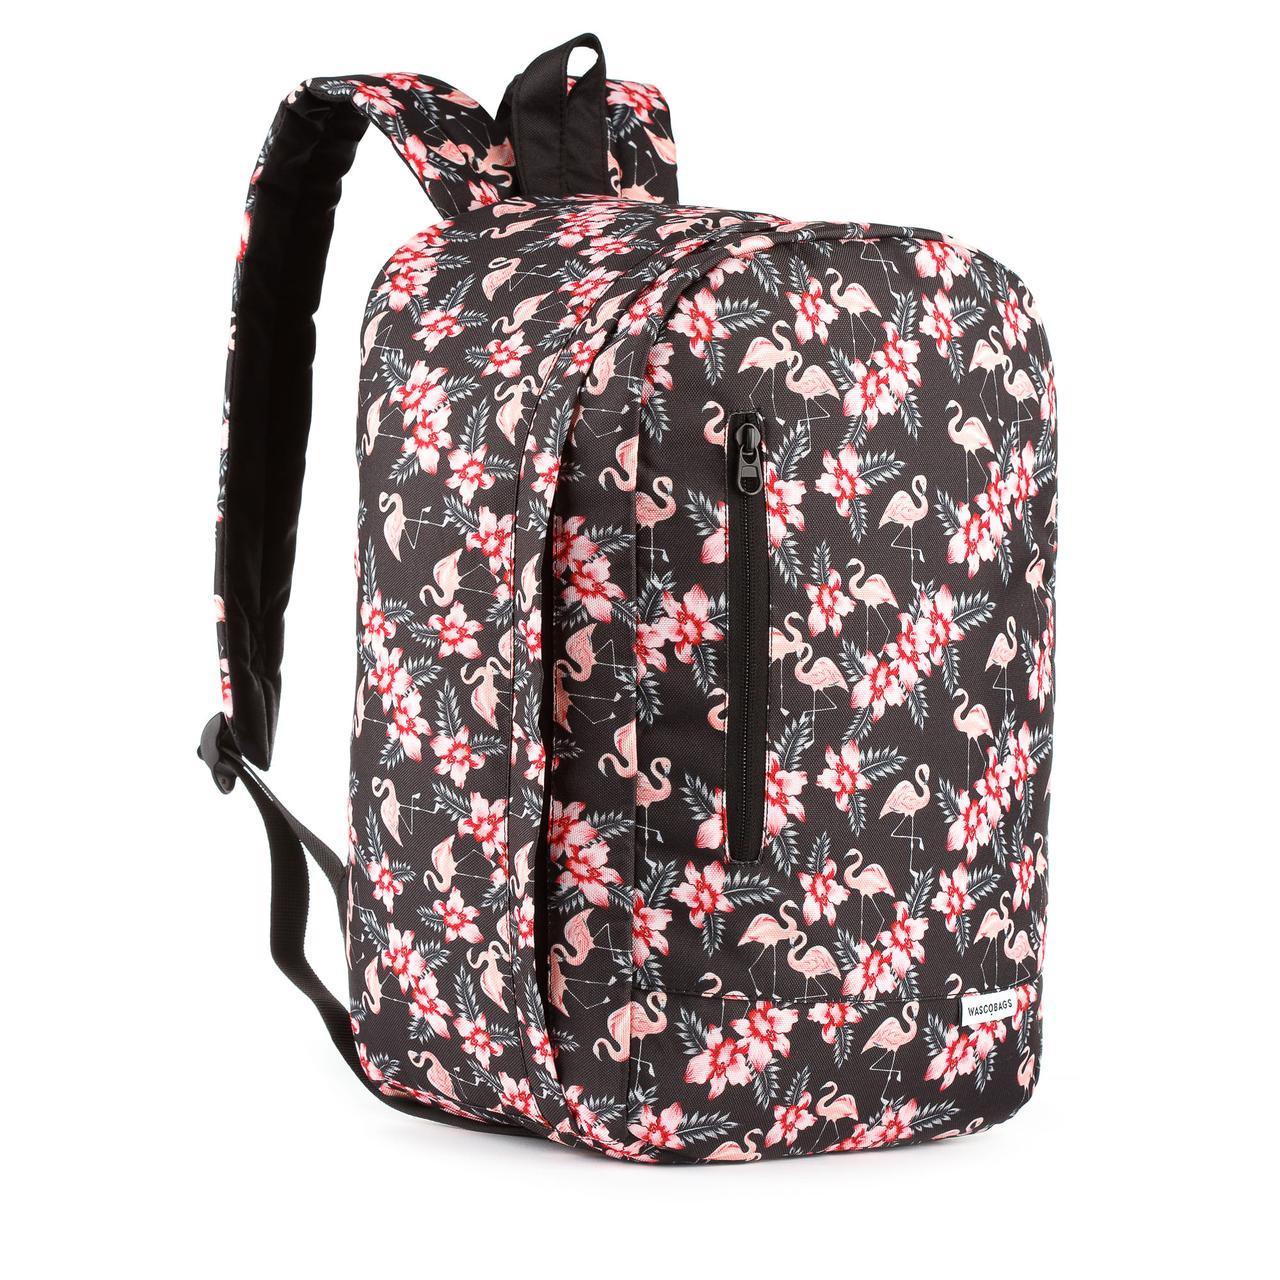 Рюкзак для ручной клади Wascobags 40x25x20 Prague Flamingo